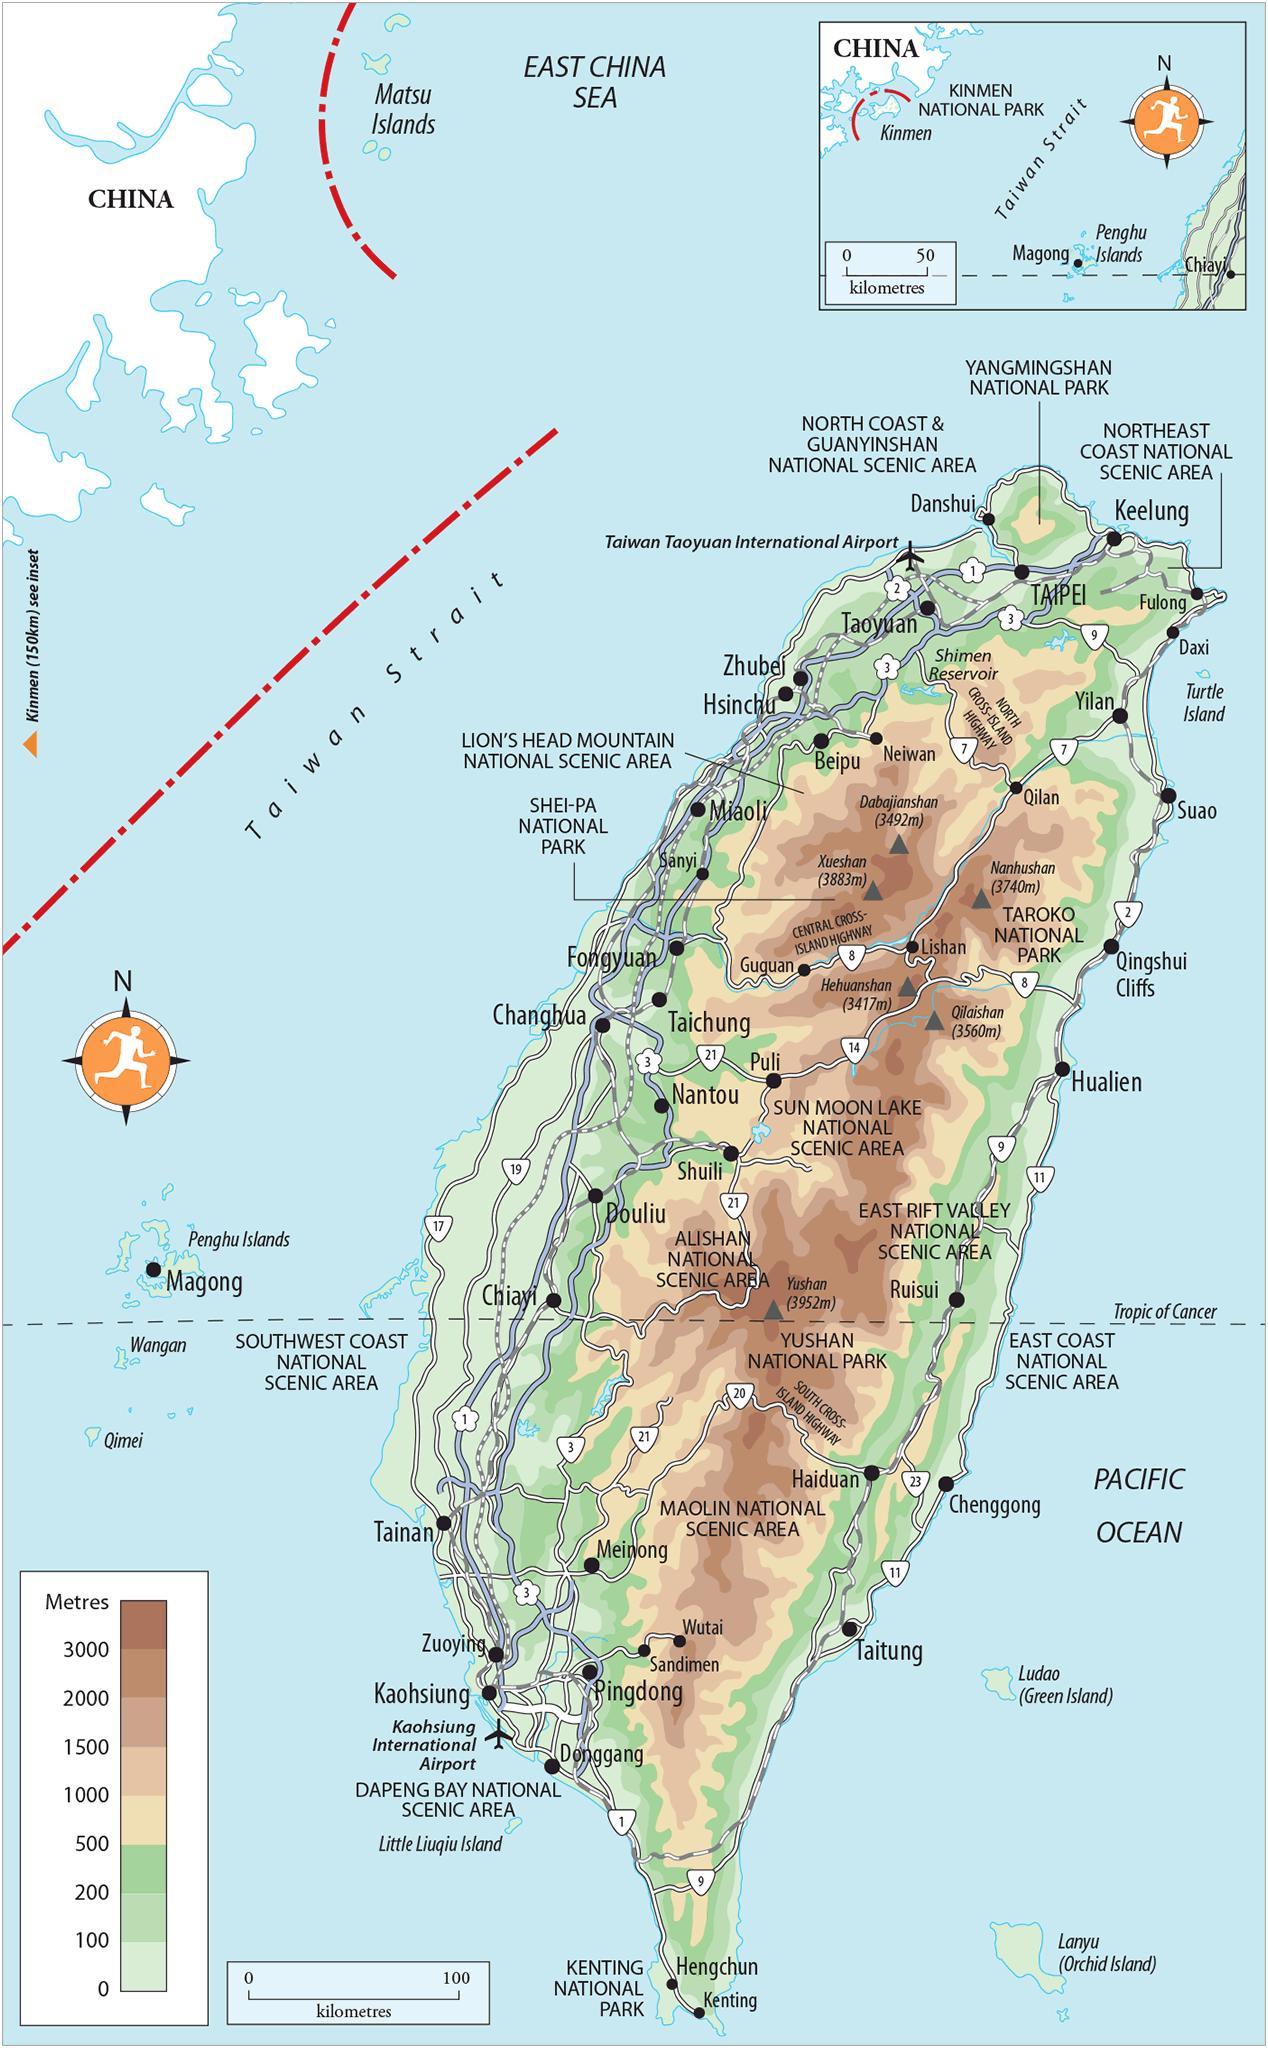 Carte Asie Taiwan.Kenting Taiwan Carte Carte De Kenting Taiwan Asie De L